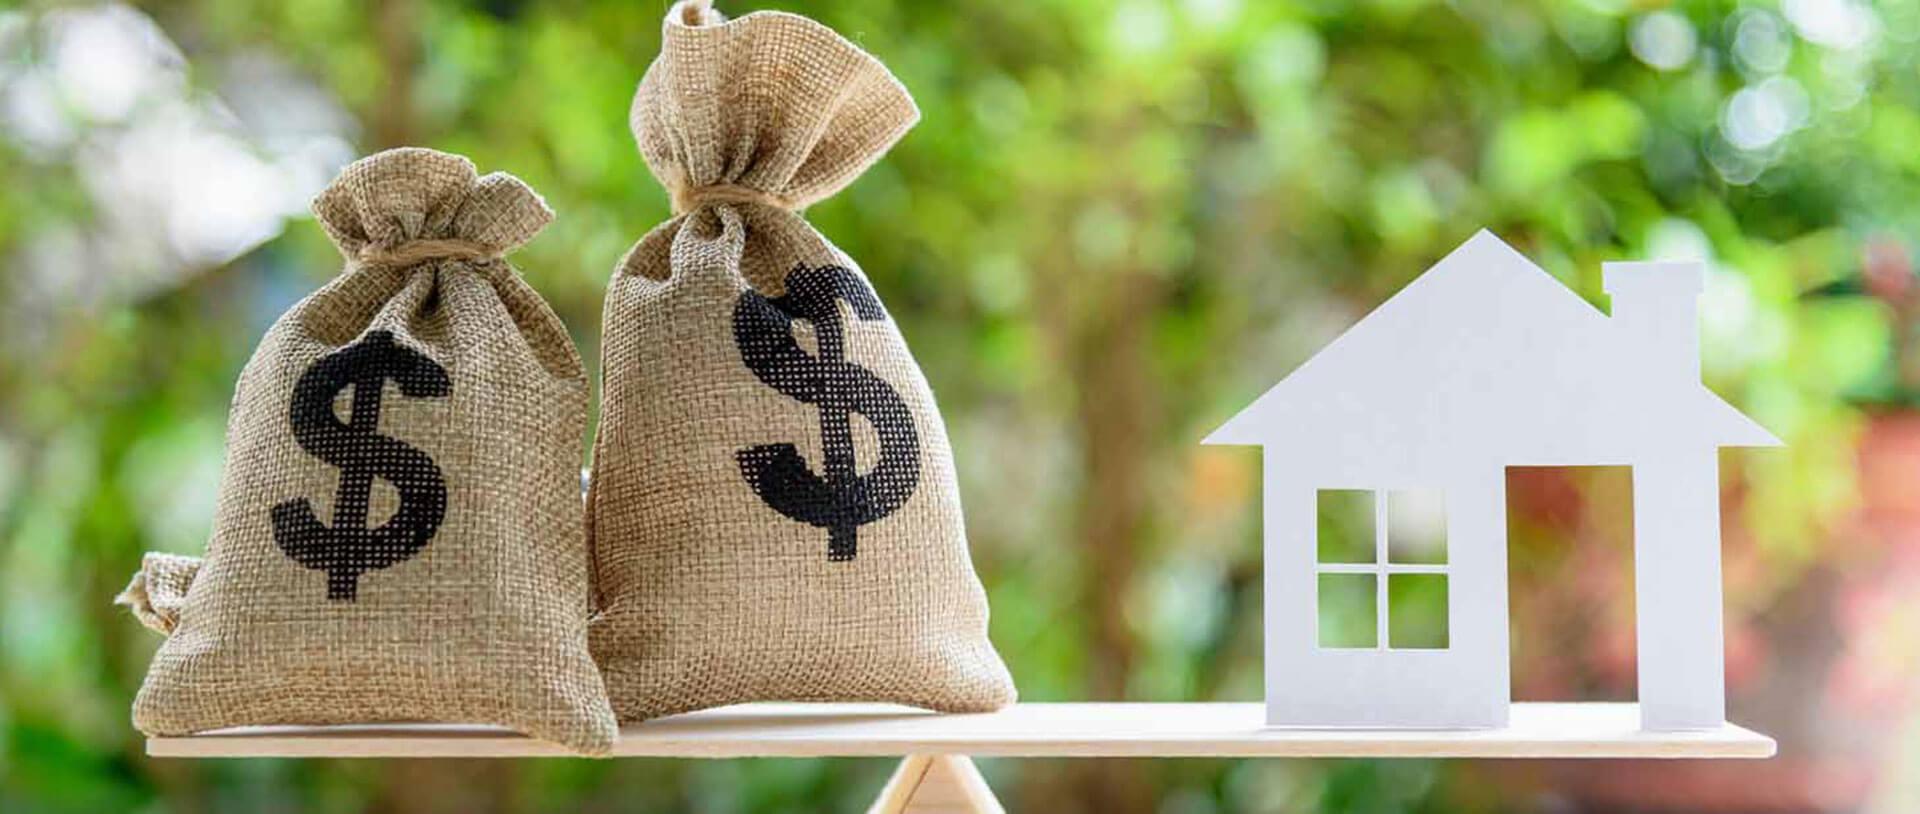 Ограничения на получение ипотеки